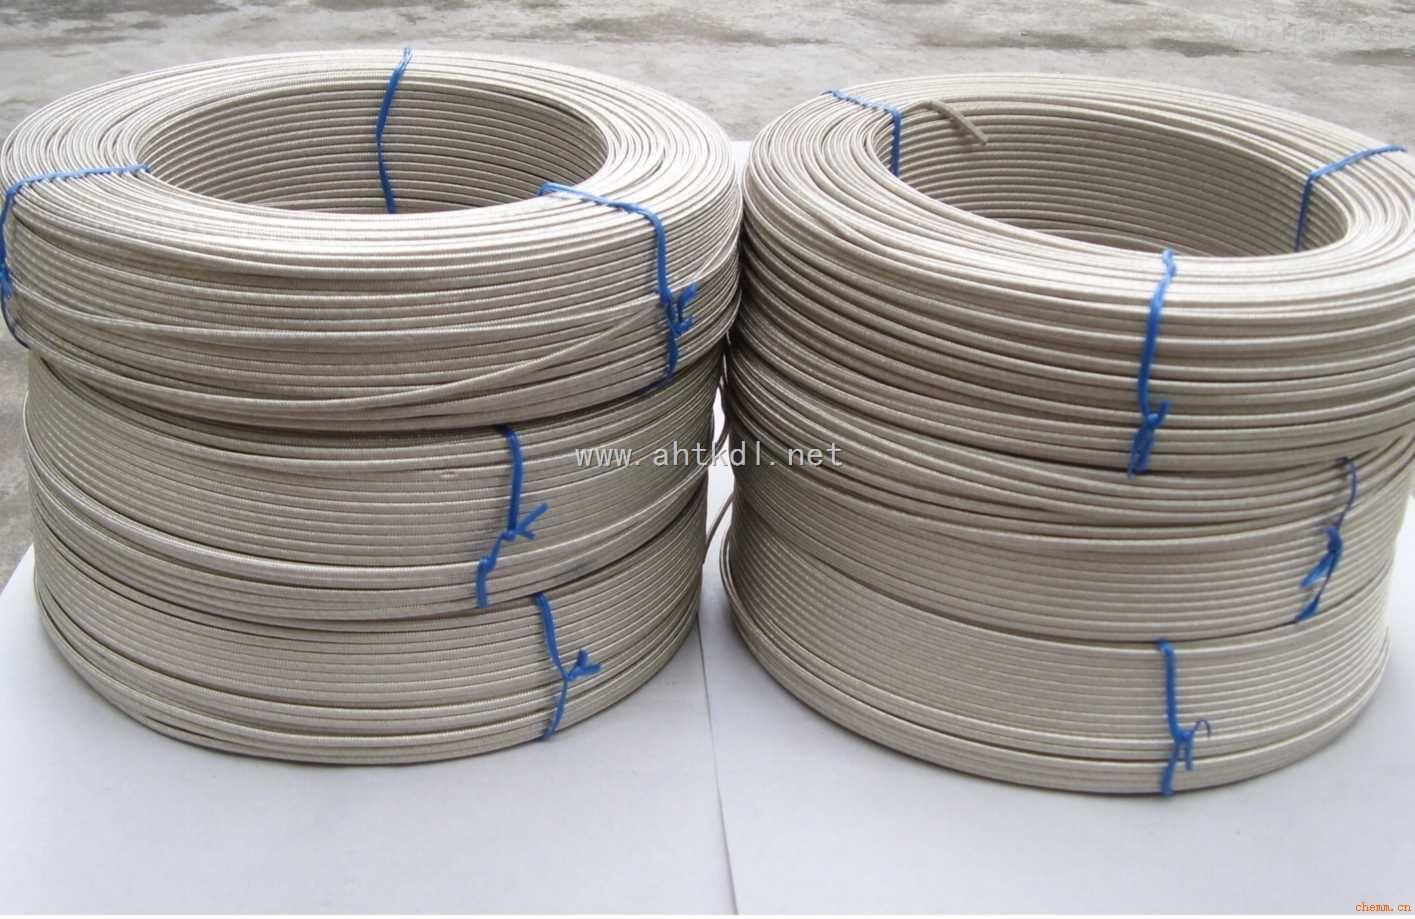 玻纤编织耐高温补偿导线